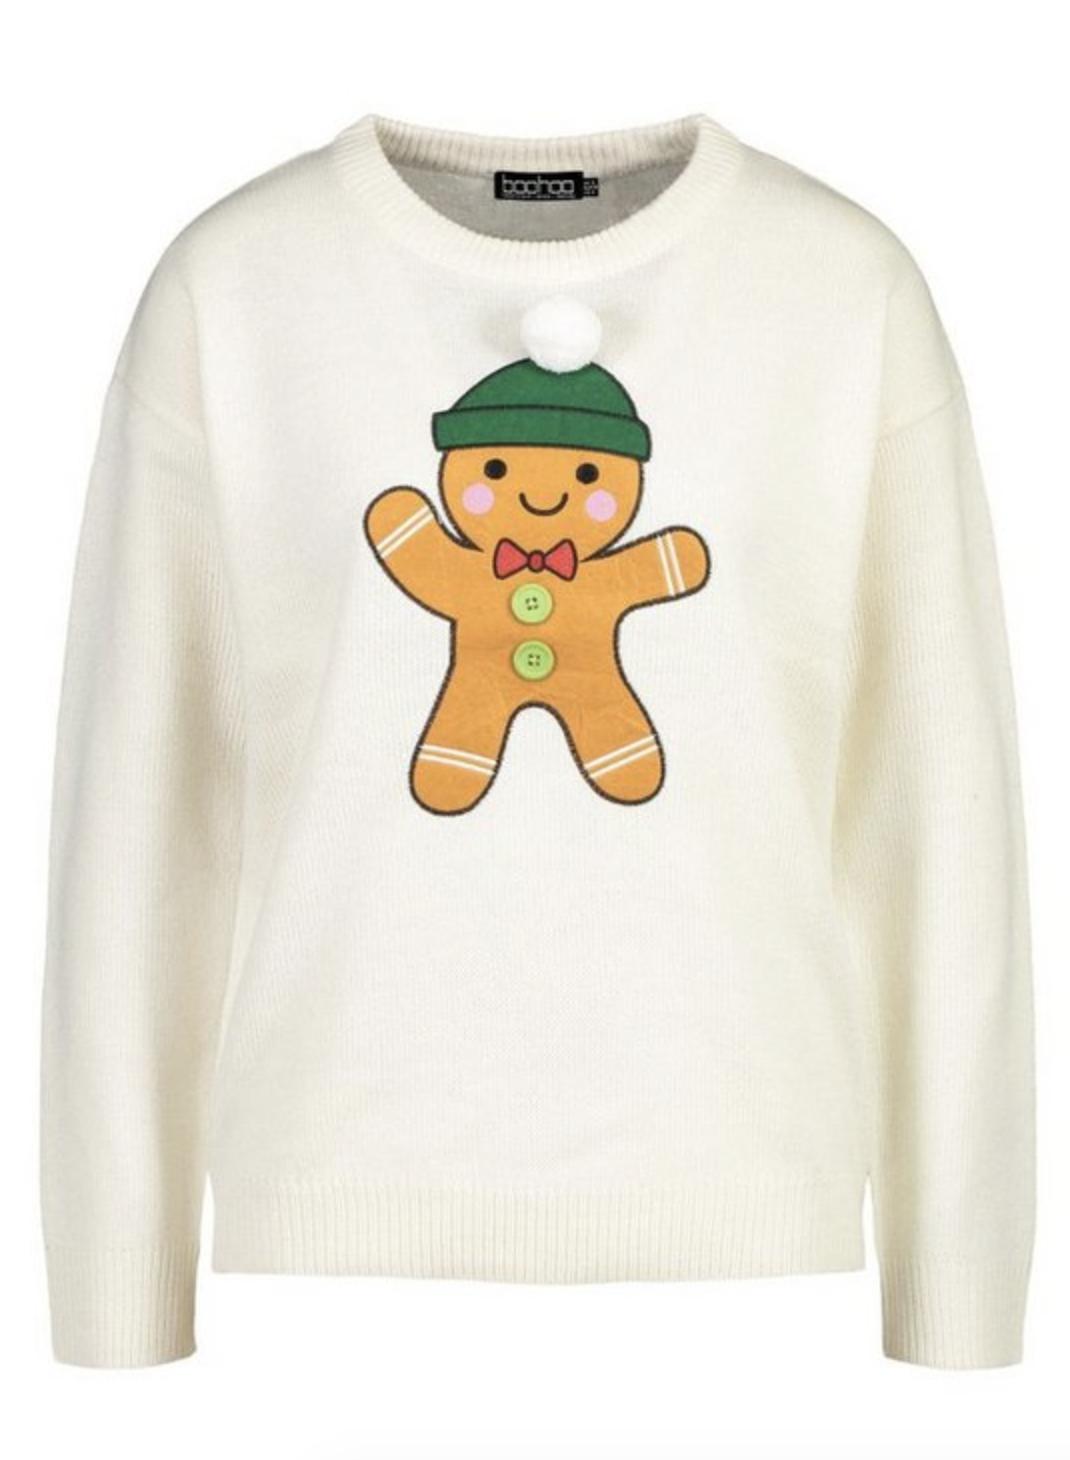 Boohoo gingerbread man sweater